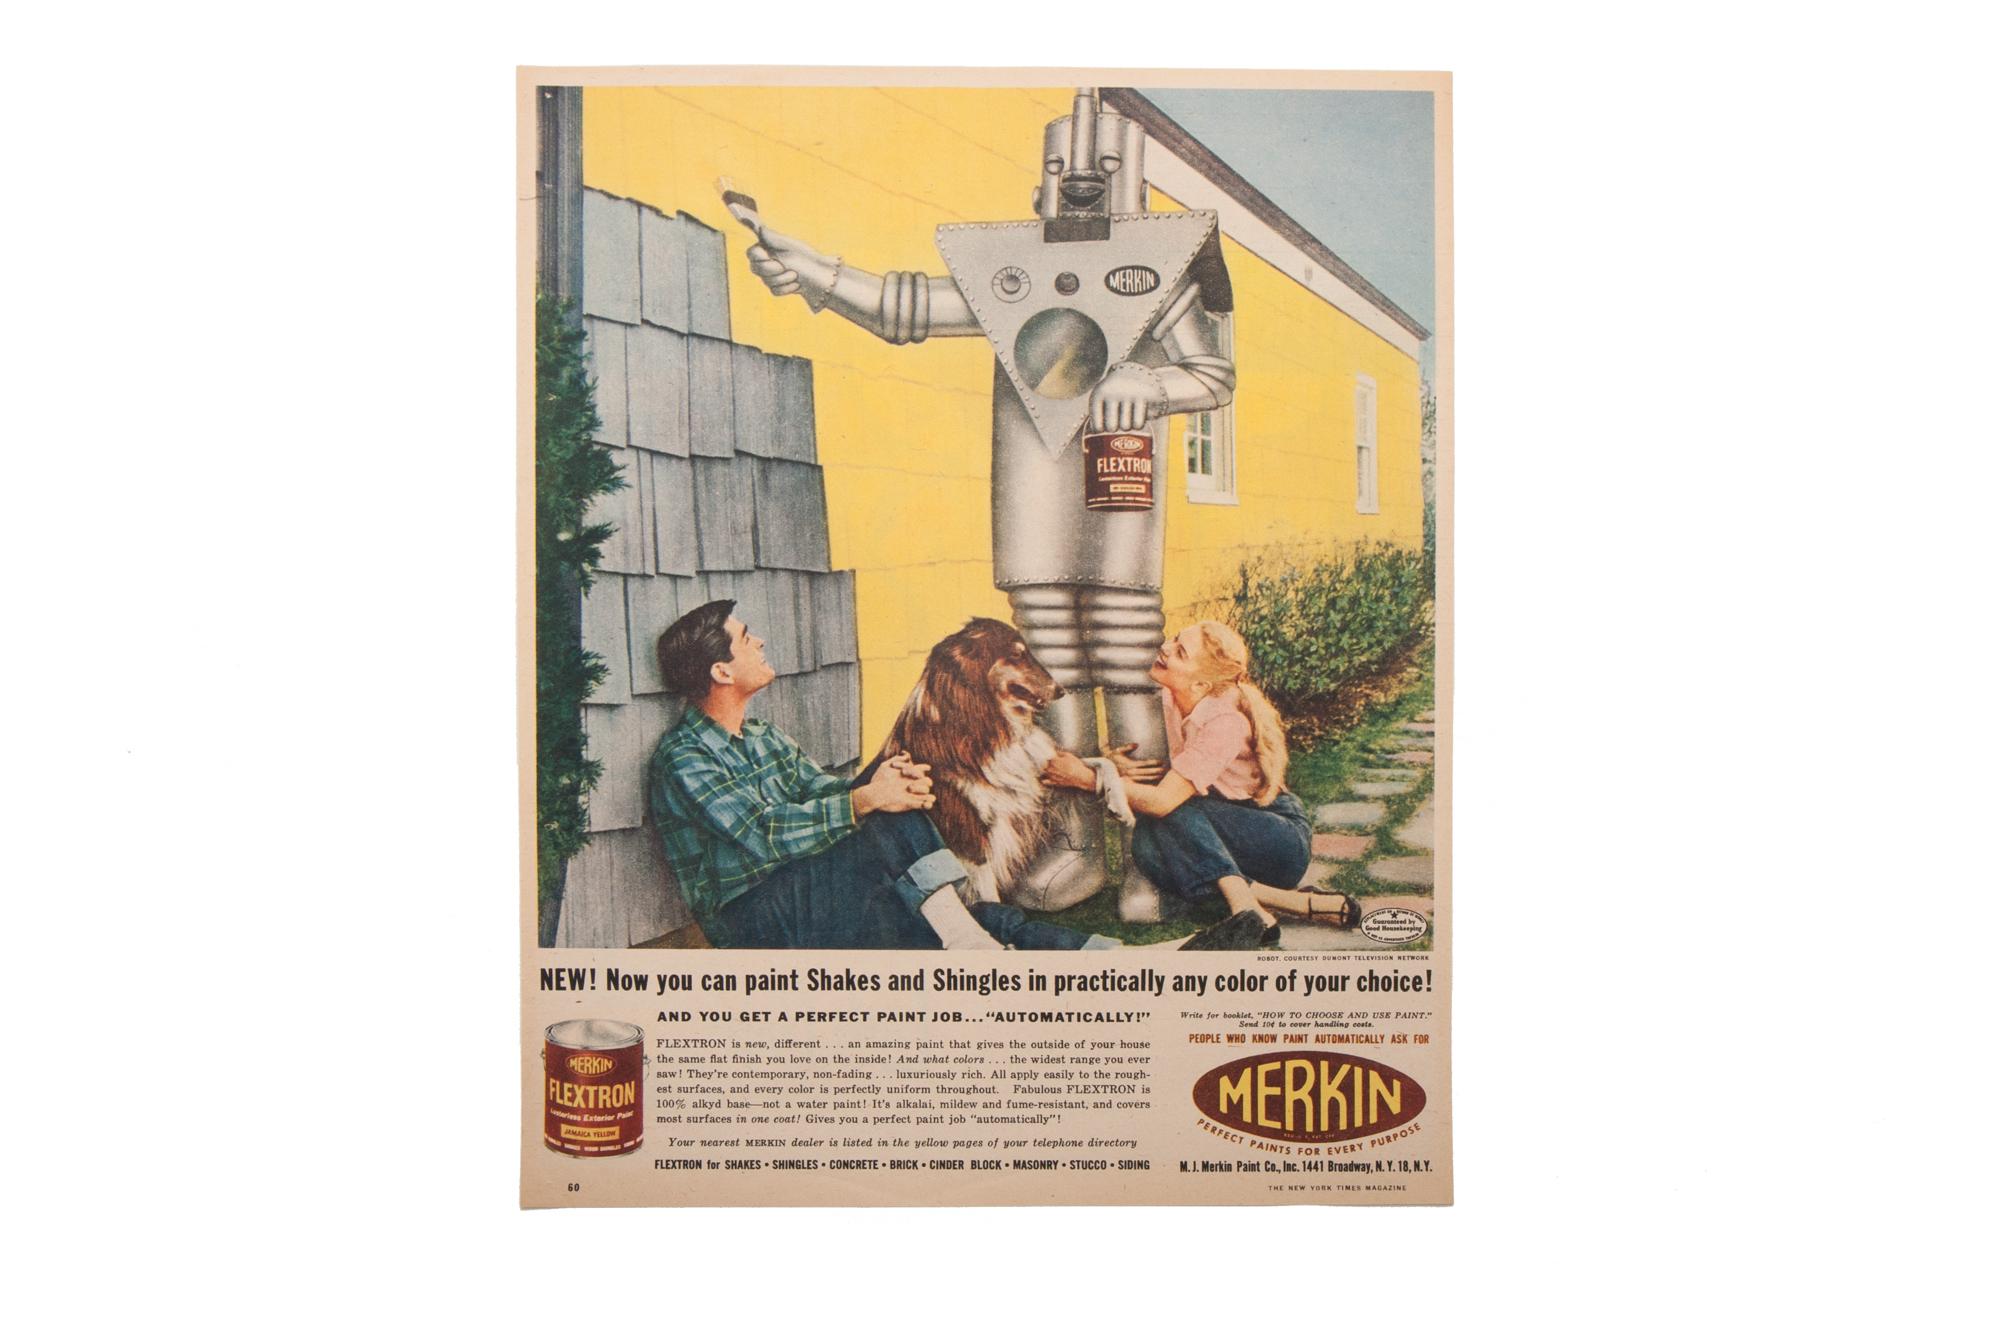 Magazine Advertisement – Merkin Paint (New York Times Magazine 1955)